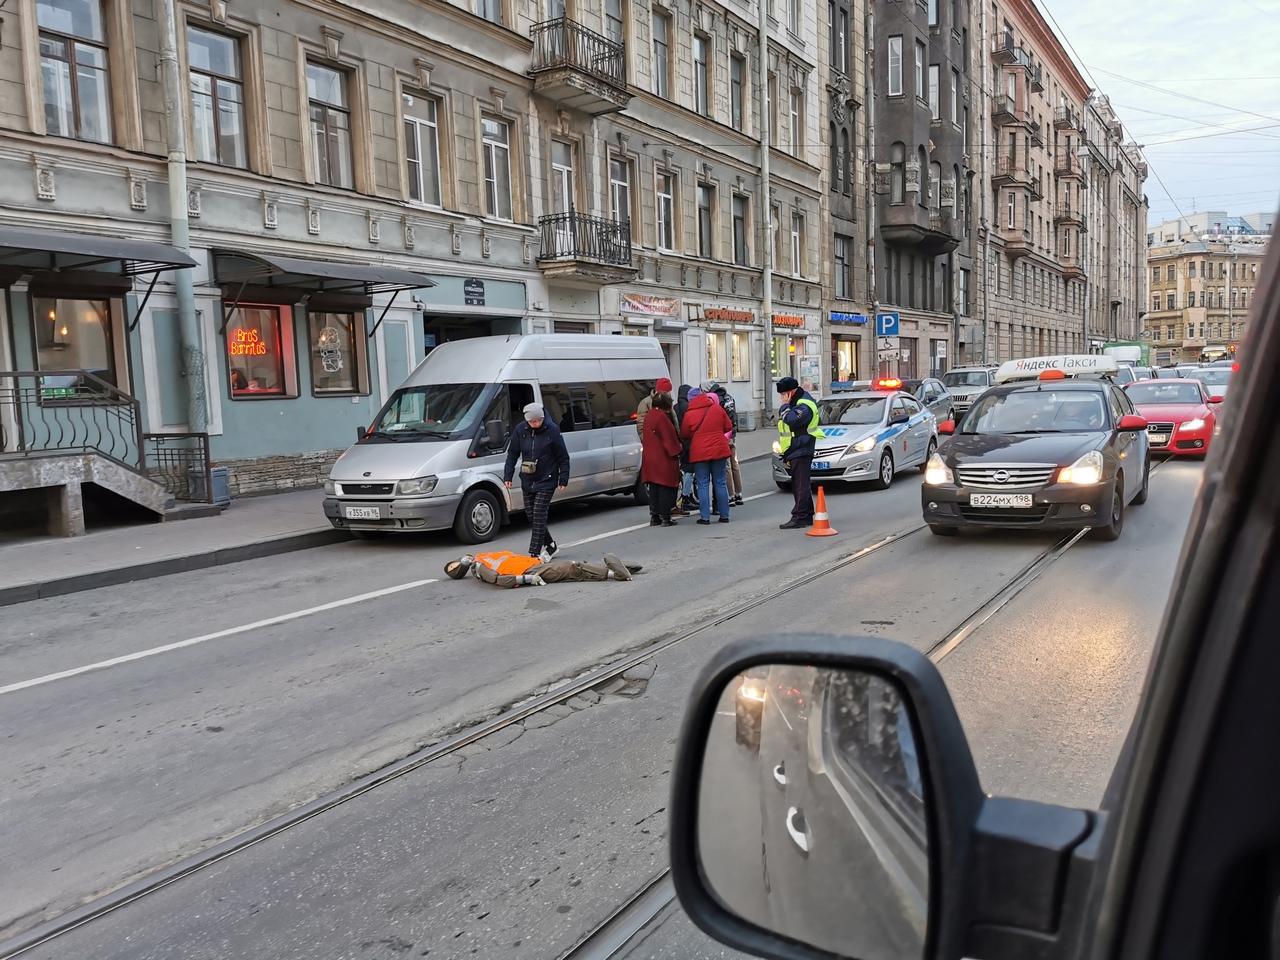 На Куйбышева 34 на дороге лежит манекен в оранжевой жилетке. На месте службы. Машины объезжают по т...